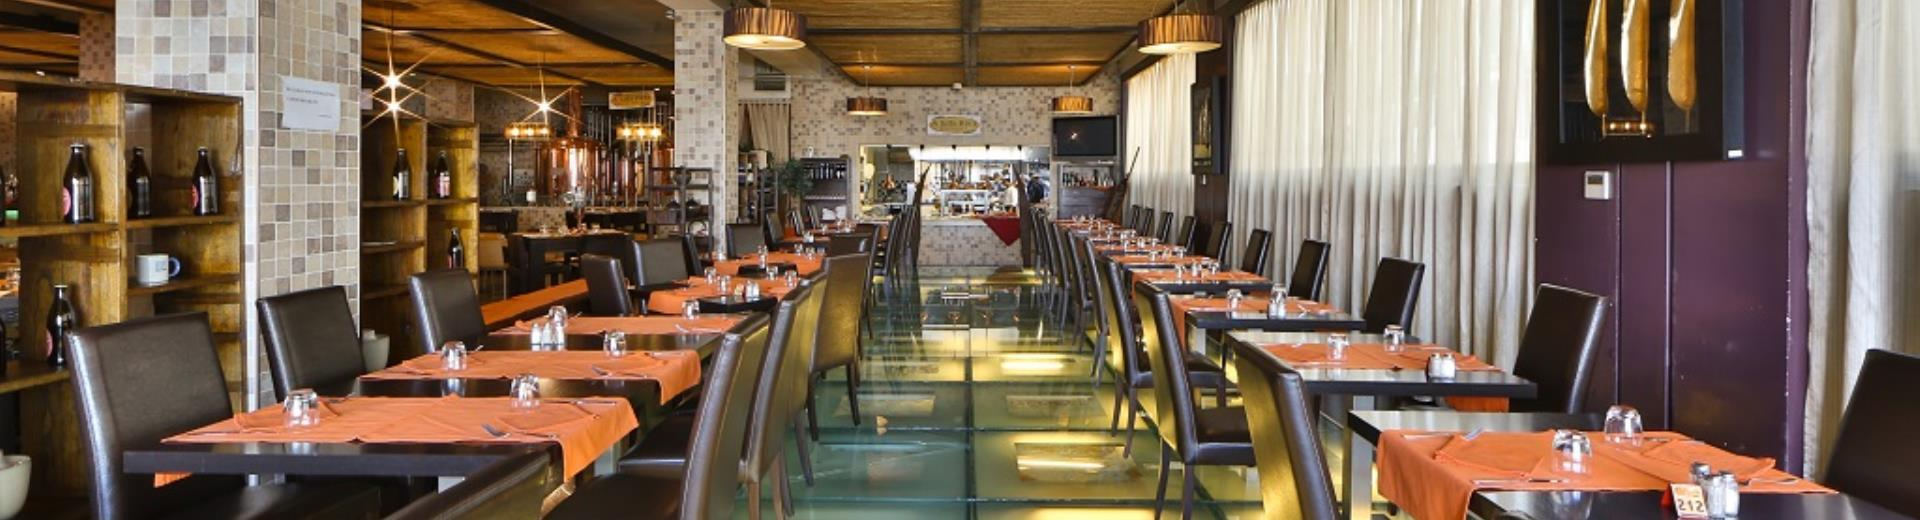 Hotel Milano Trezzano sul Naviglio - BW Hotel Goldenmile Milan 4 stelle